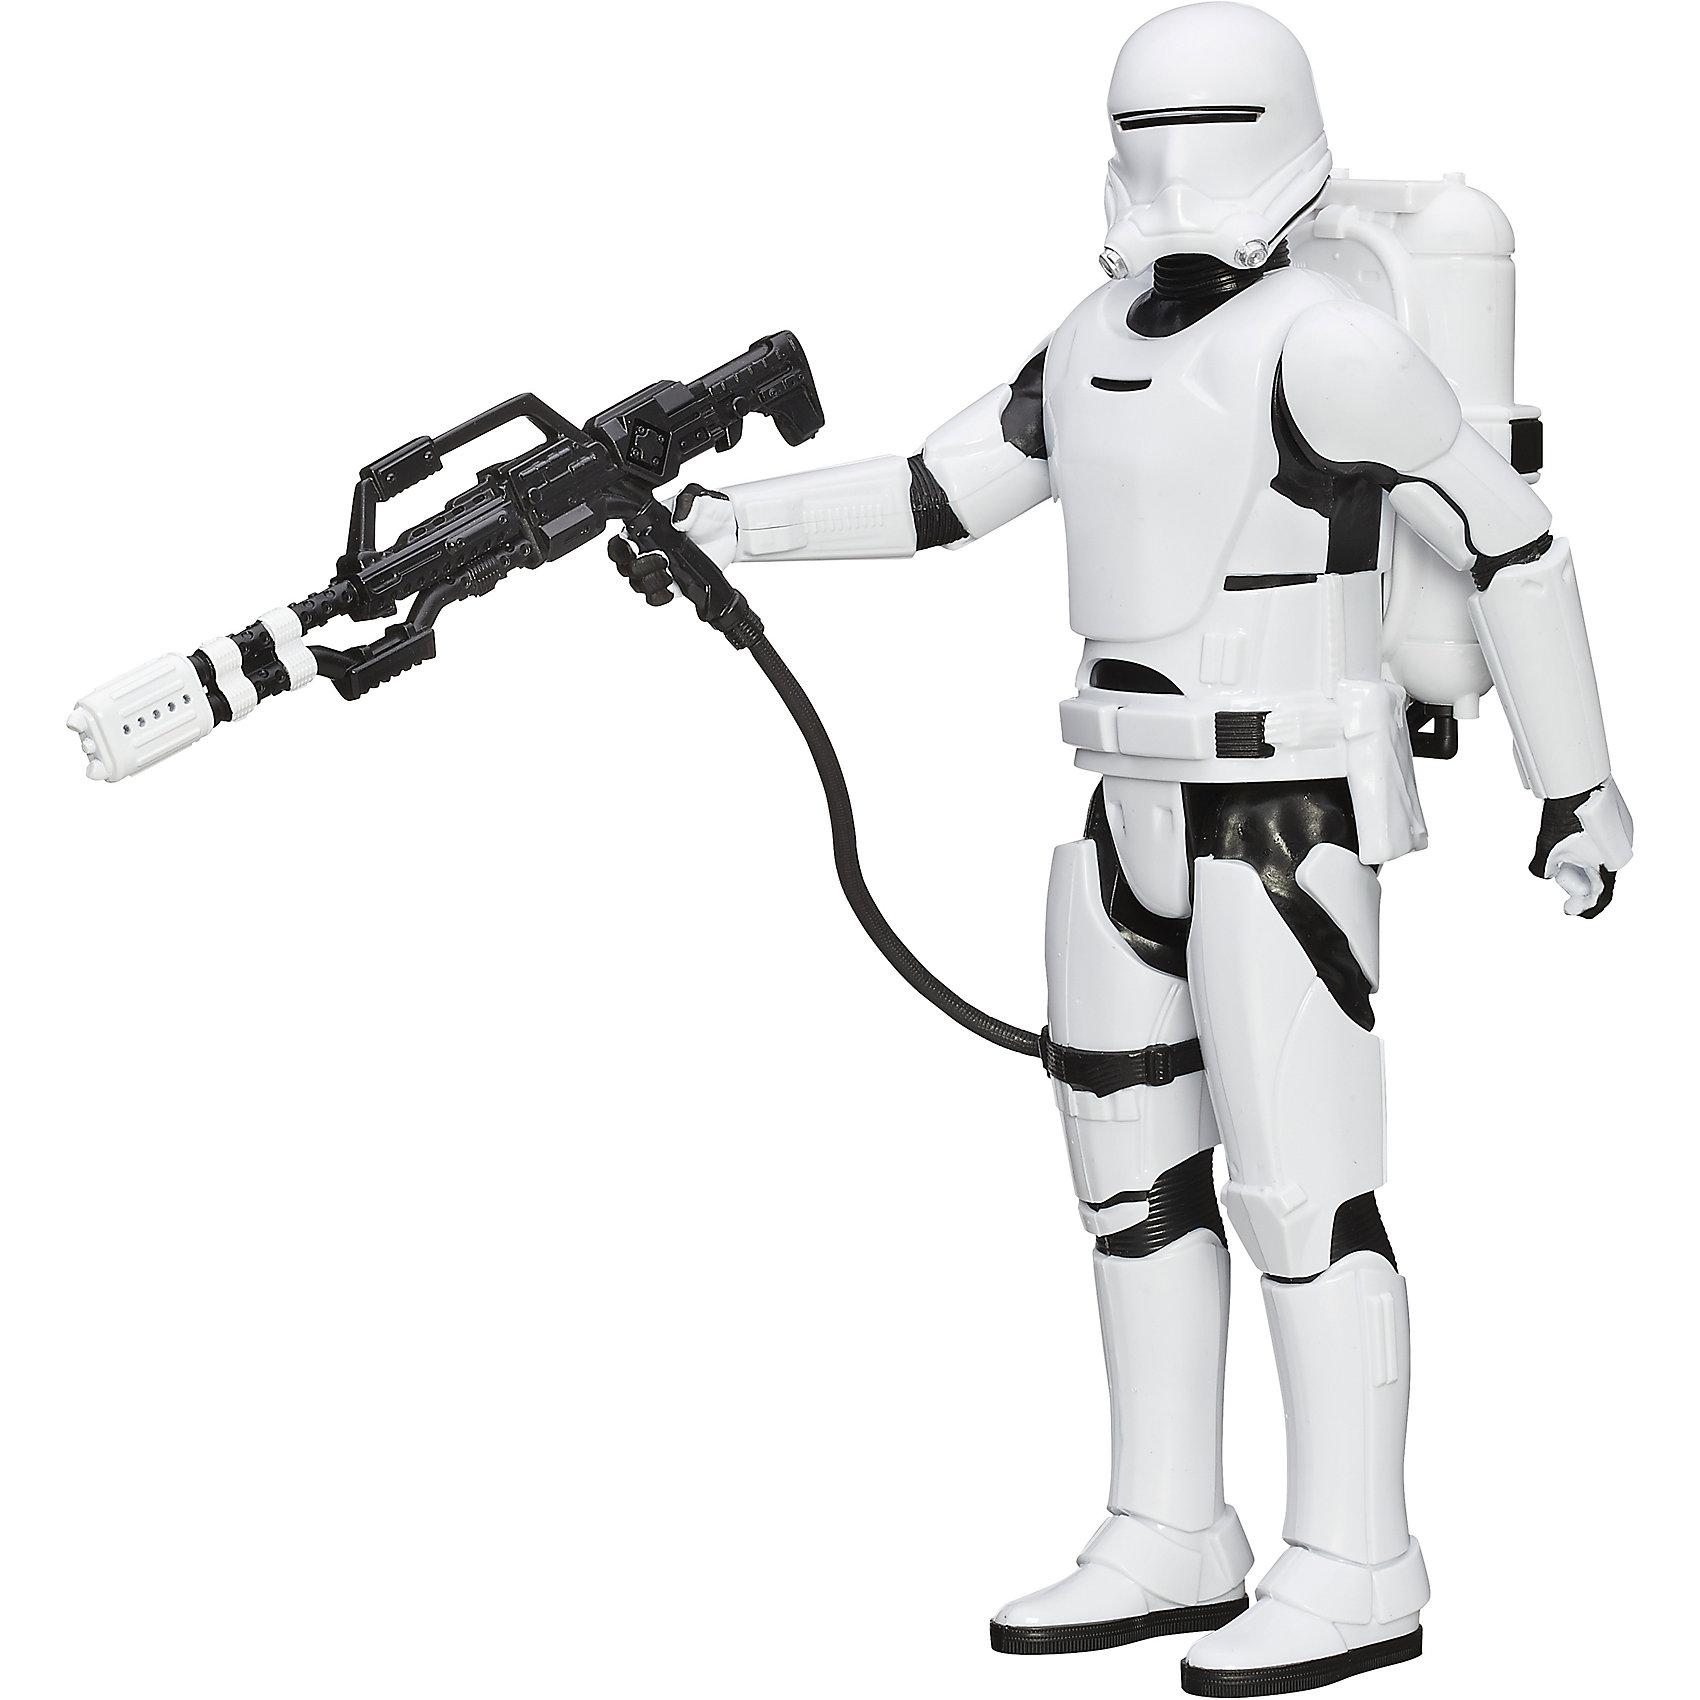 Титаны, с аксессуарами,  Звездные войны, B3914/B3916Коллекционные и игровые фигурки<br>Титаны, с аксессуарами,  Звездные войны, в ассортименте – это превосходный подарок для поклонника Звёздных войн. Большая фигурка героя из серии Титаны Звездные войны выполнена полностью по образу и подобию своего героя-прототипа. Игрушка достигает в высоту целых 30 сантиметров. В ассортименте представлены два вида фигурок. Первая - фигурка Штурмовика-огнемётчика, одного из новых типов клонов-штурмовиков, которых мы увидим в седьмом эпизоде «Звездных войн». Это специализированные штурмовики, используемые Первым порядком через 30 лет после битвы при Эндоре. Данный тип солдат использует огнемётное оружие и носит традиционную белую броню. Вторая - замечательная фигурка всем нам хорошо знакомого и любимого вуки Чубакки, верного друга и помощника капитана Хана Соло. Они готовы к бою, благодаря доспехам и оружию.  Дополнительная информация:  - В наборе: фигурка персонажа, доспехи, оружие - В ассортименте 2 фигурки: Штурмовик и Чубакка - Высота фигурки: 30 см. - Материал: пластмасса - Размер упаковки: 30 x 16 x 6 см. - Вес: 320 гр. - ВНИМАНИЕ! Данный артикул представлен в разных вариантах исполнения. К сожалению, заранее выбрать определенный вариант невозможно. При заказе нескольких наборов возможно получение одинаковых  Набор Титаны, с аксессуарами,  Звездные войны (Star Wars), в ассортименте можно купить в нашем интернет-магазине.<br><br>Ширина мм: 310<br>Глубина мм: 172<br>Высота мм: 68<br>Вес г: 440<br>Возраст от месяцев: 48<br>Возраст до месяцев: 96<br>Пол: Мужской<br>Возраст: Детский<br>SKU: 4803340